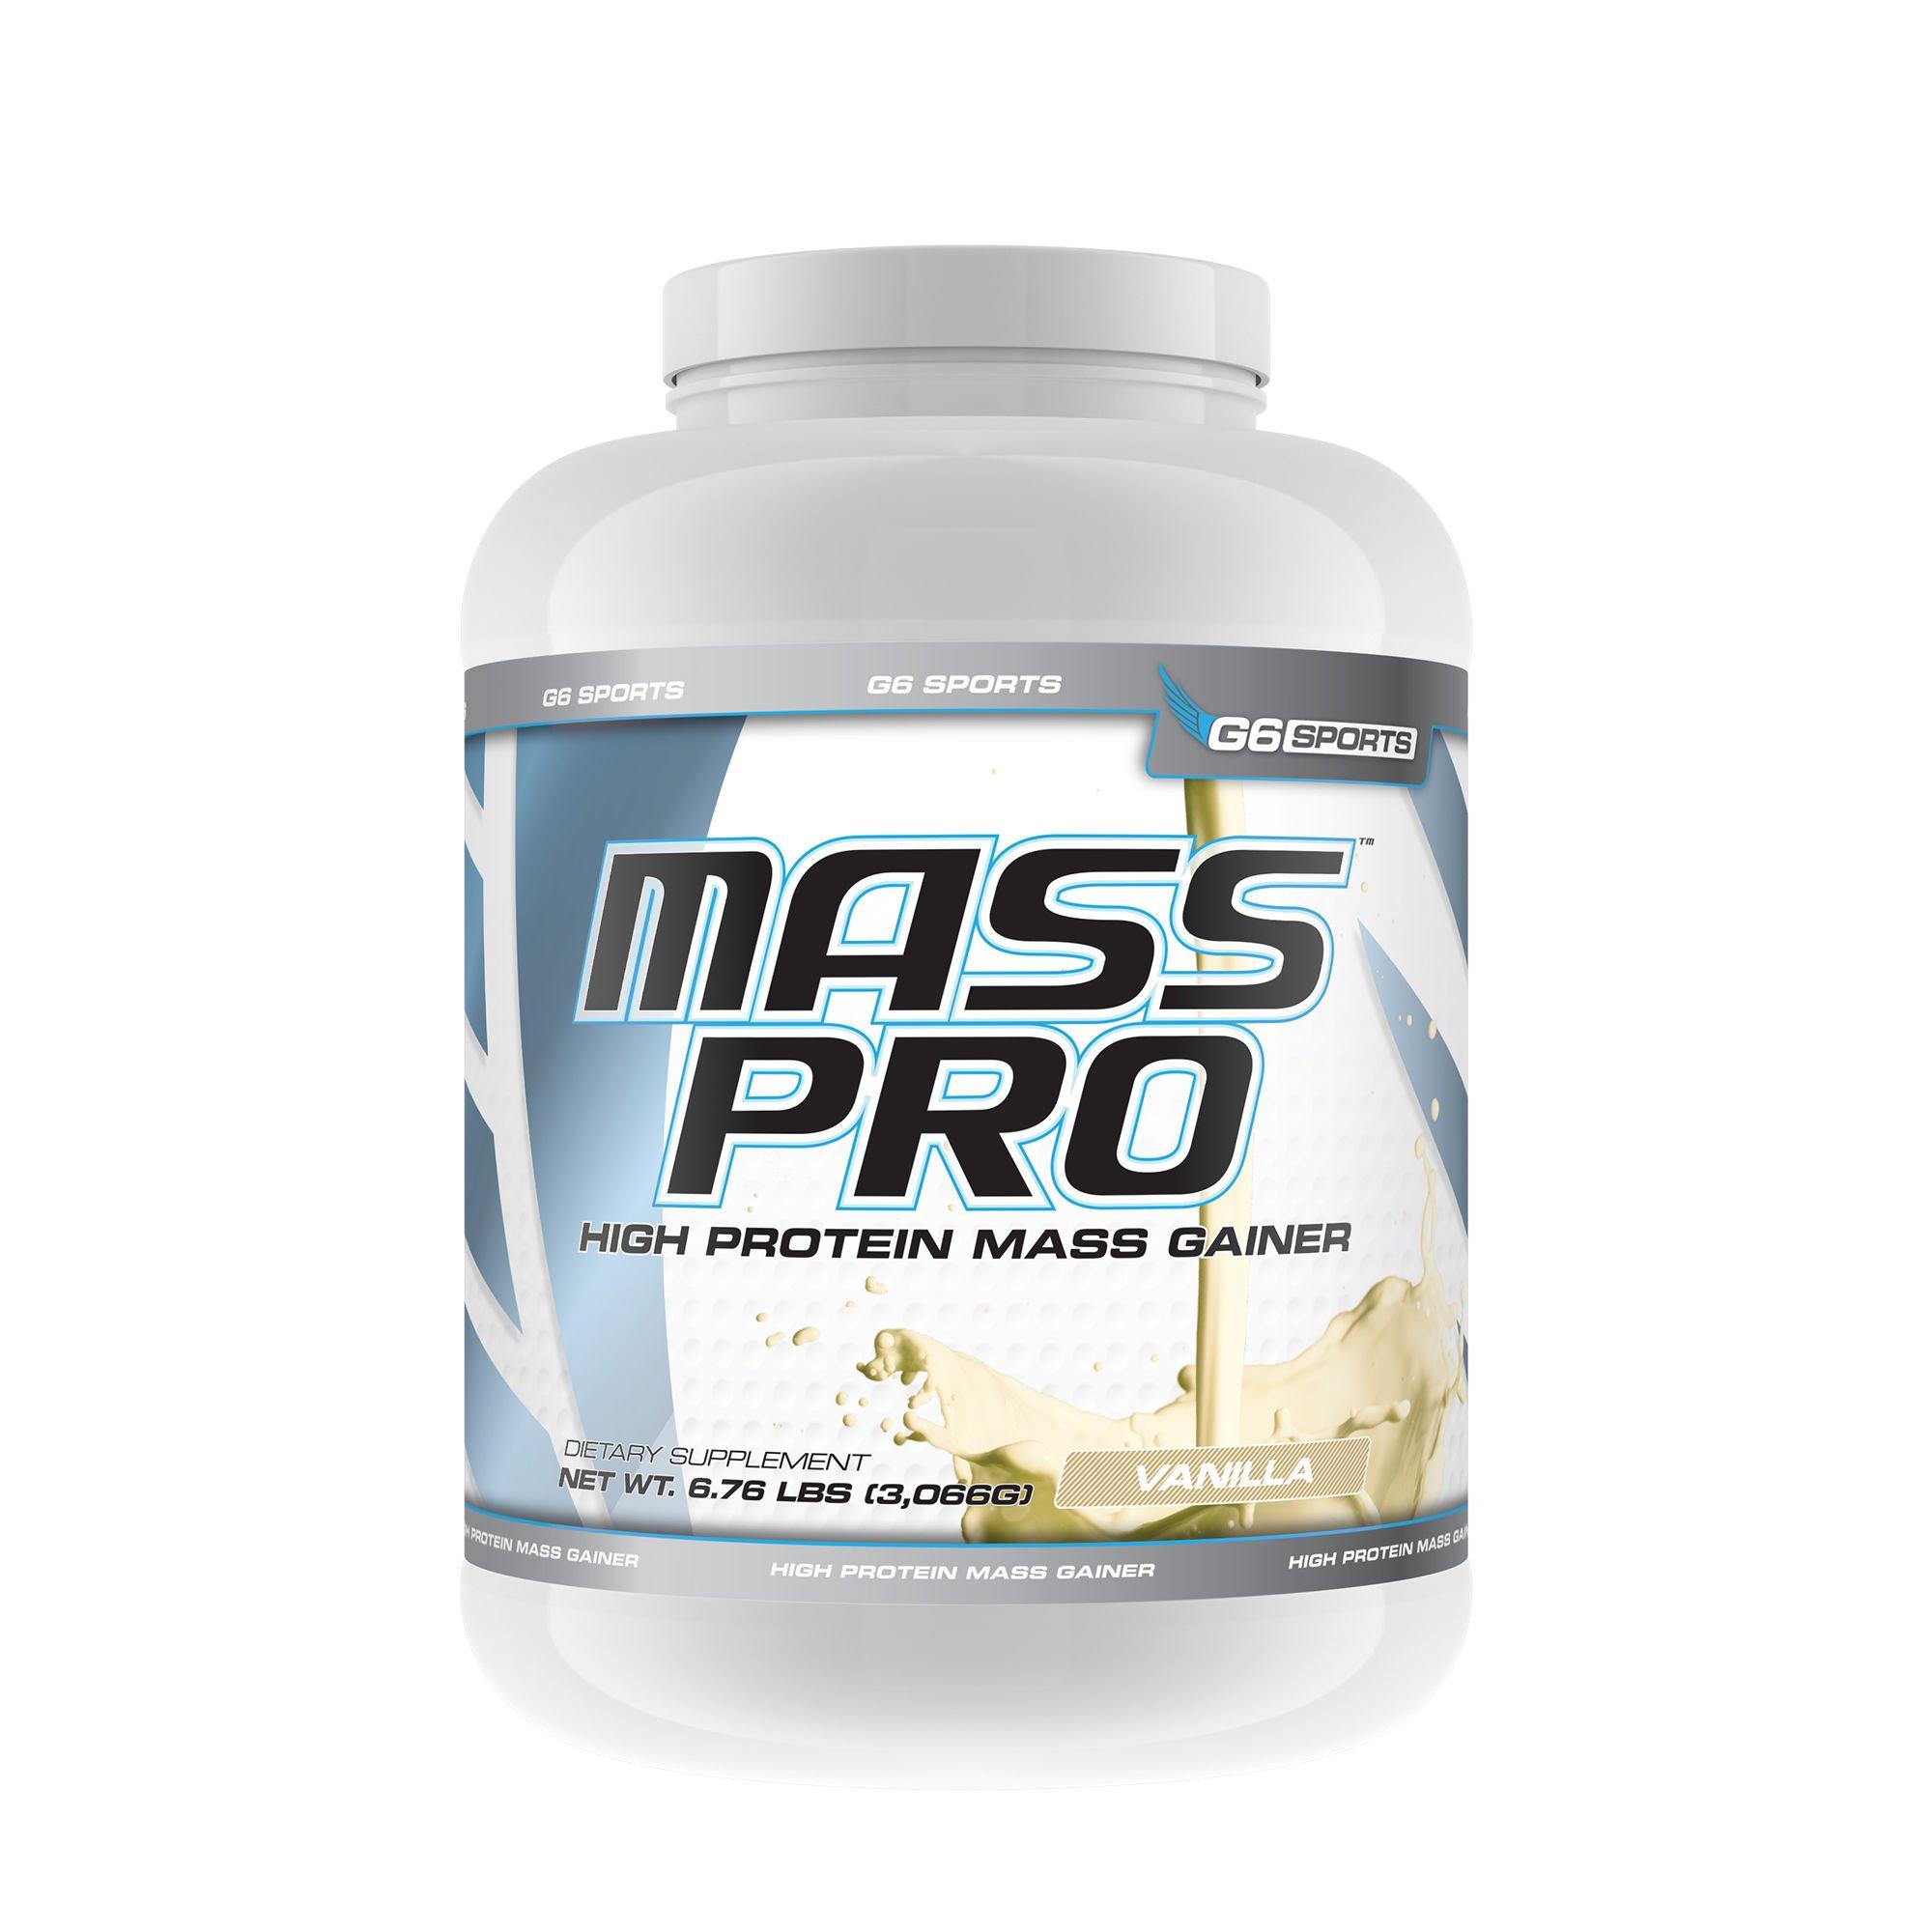 G6 Sports Mass Pro High Protein Mass Gainer- Vanilla